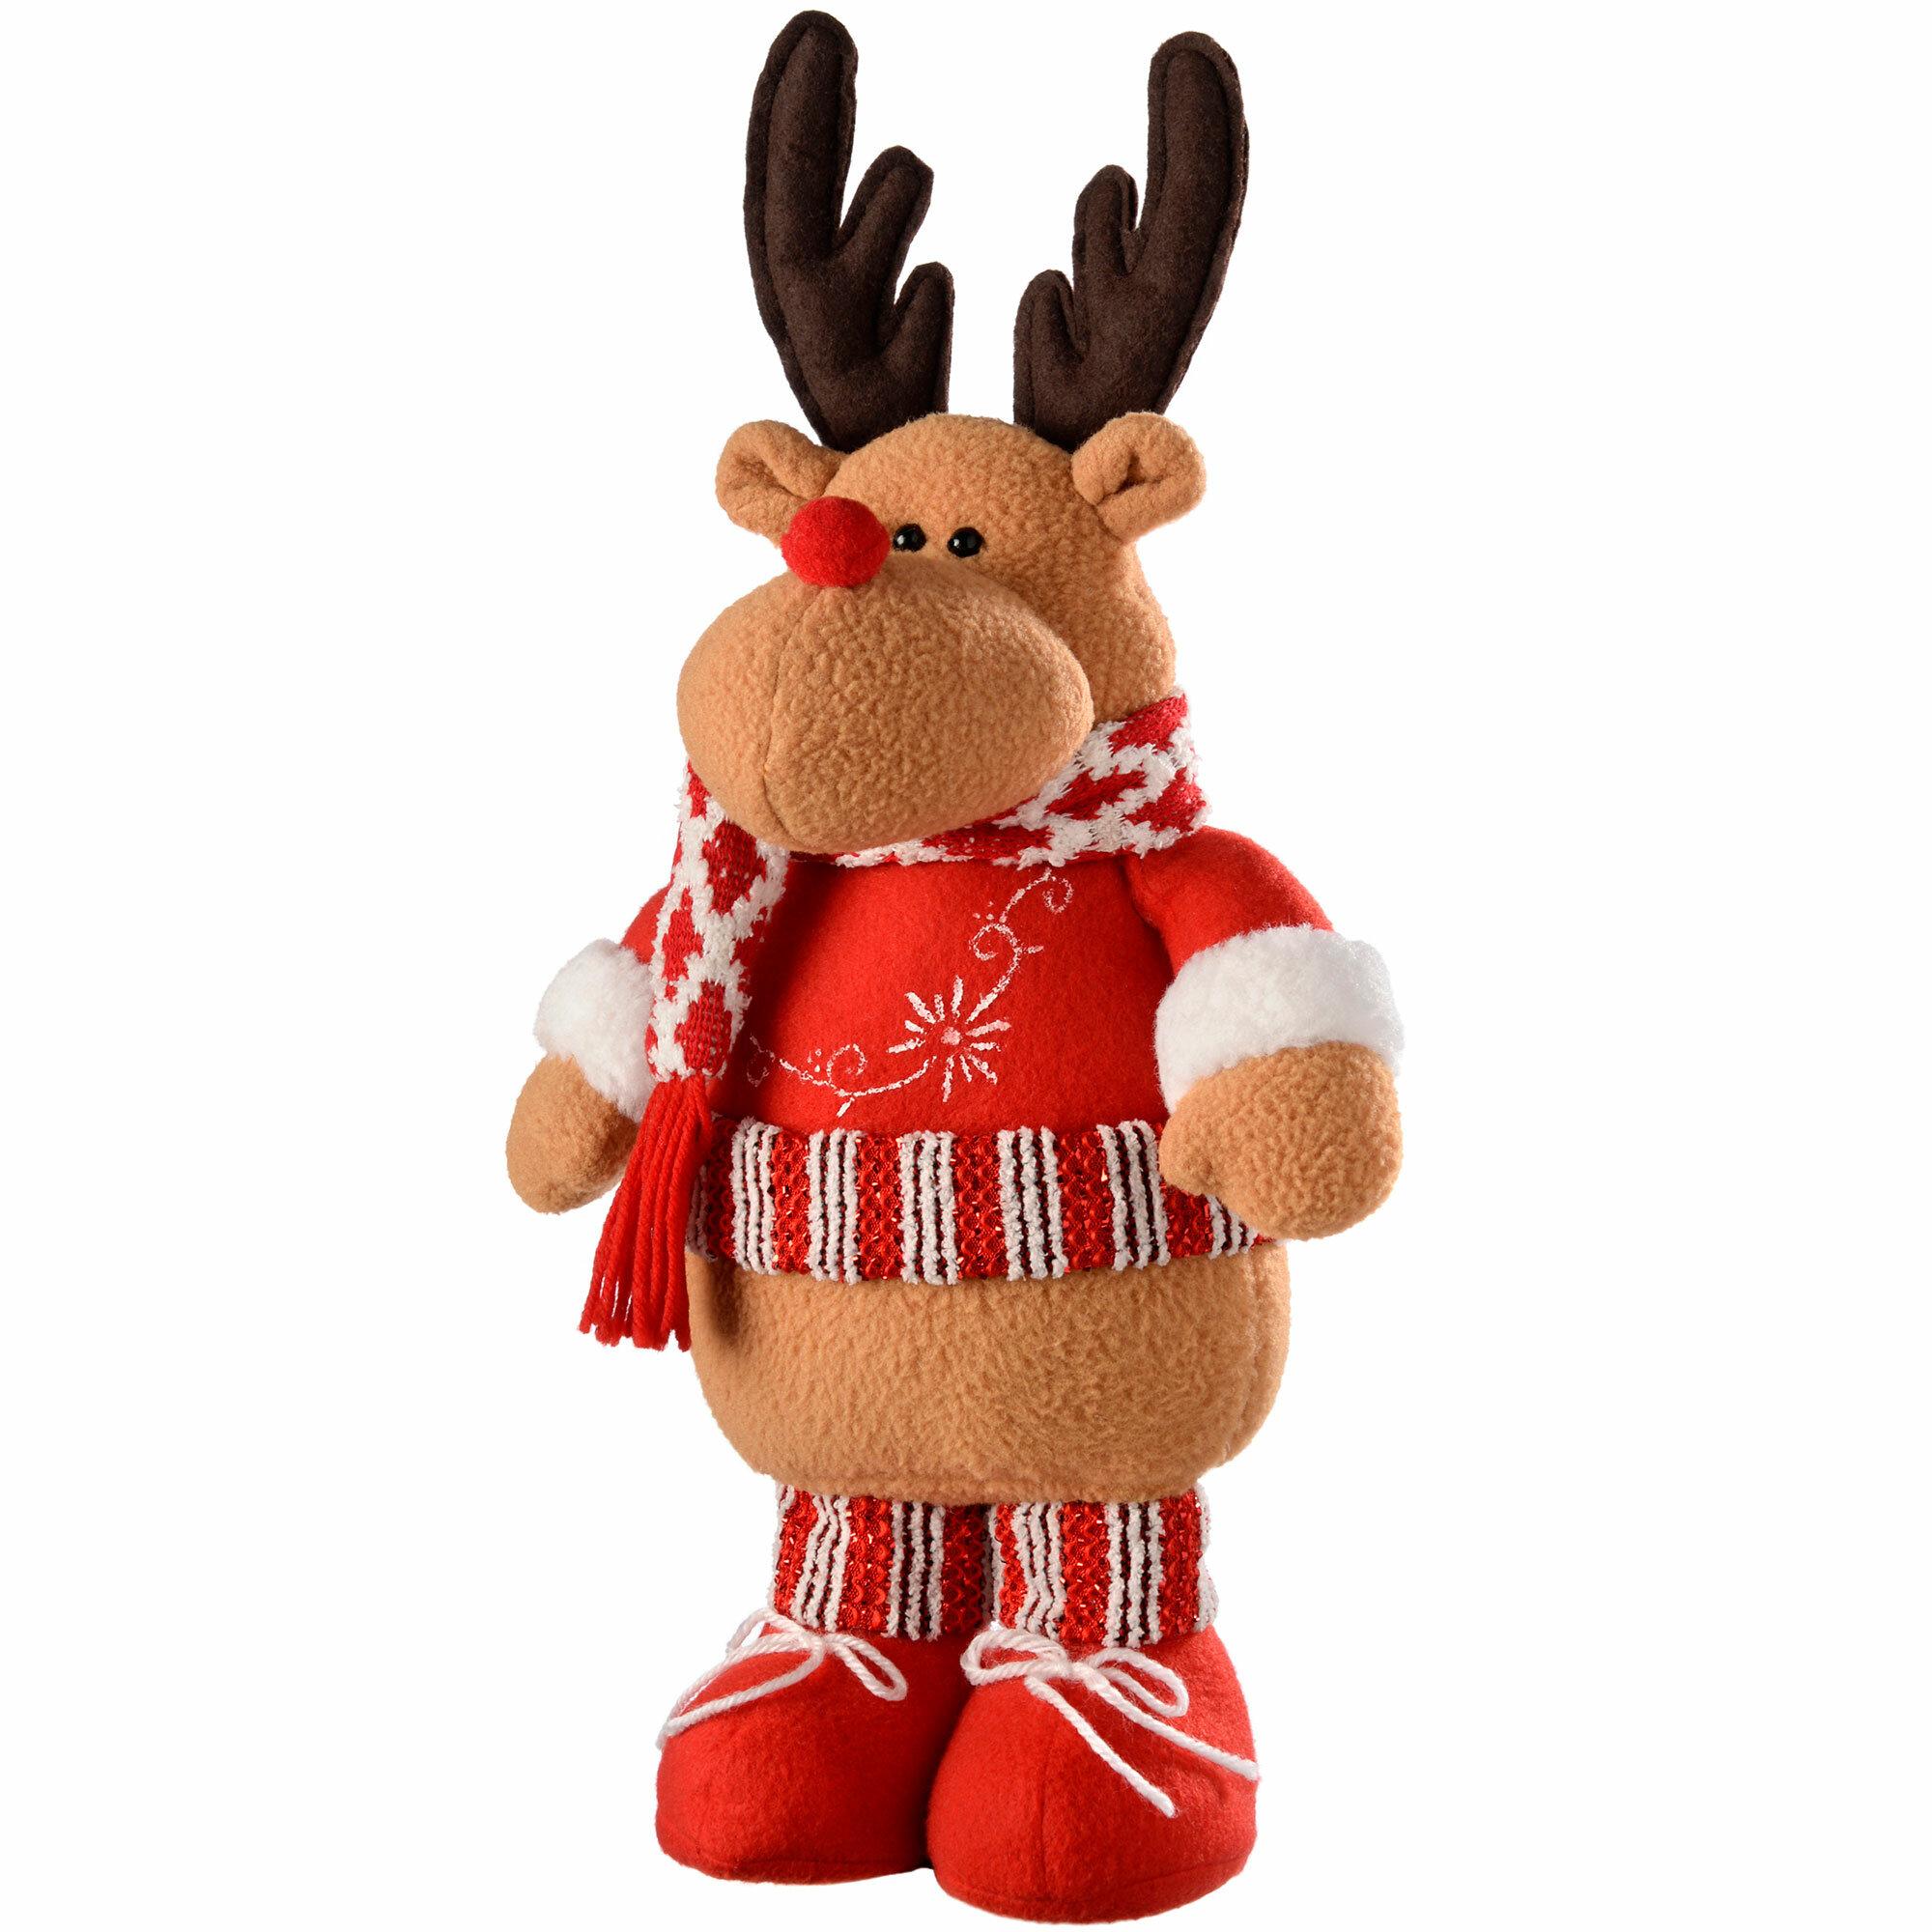 Christmas Reindeer.Free Standing Christmas Reindeer